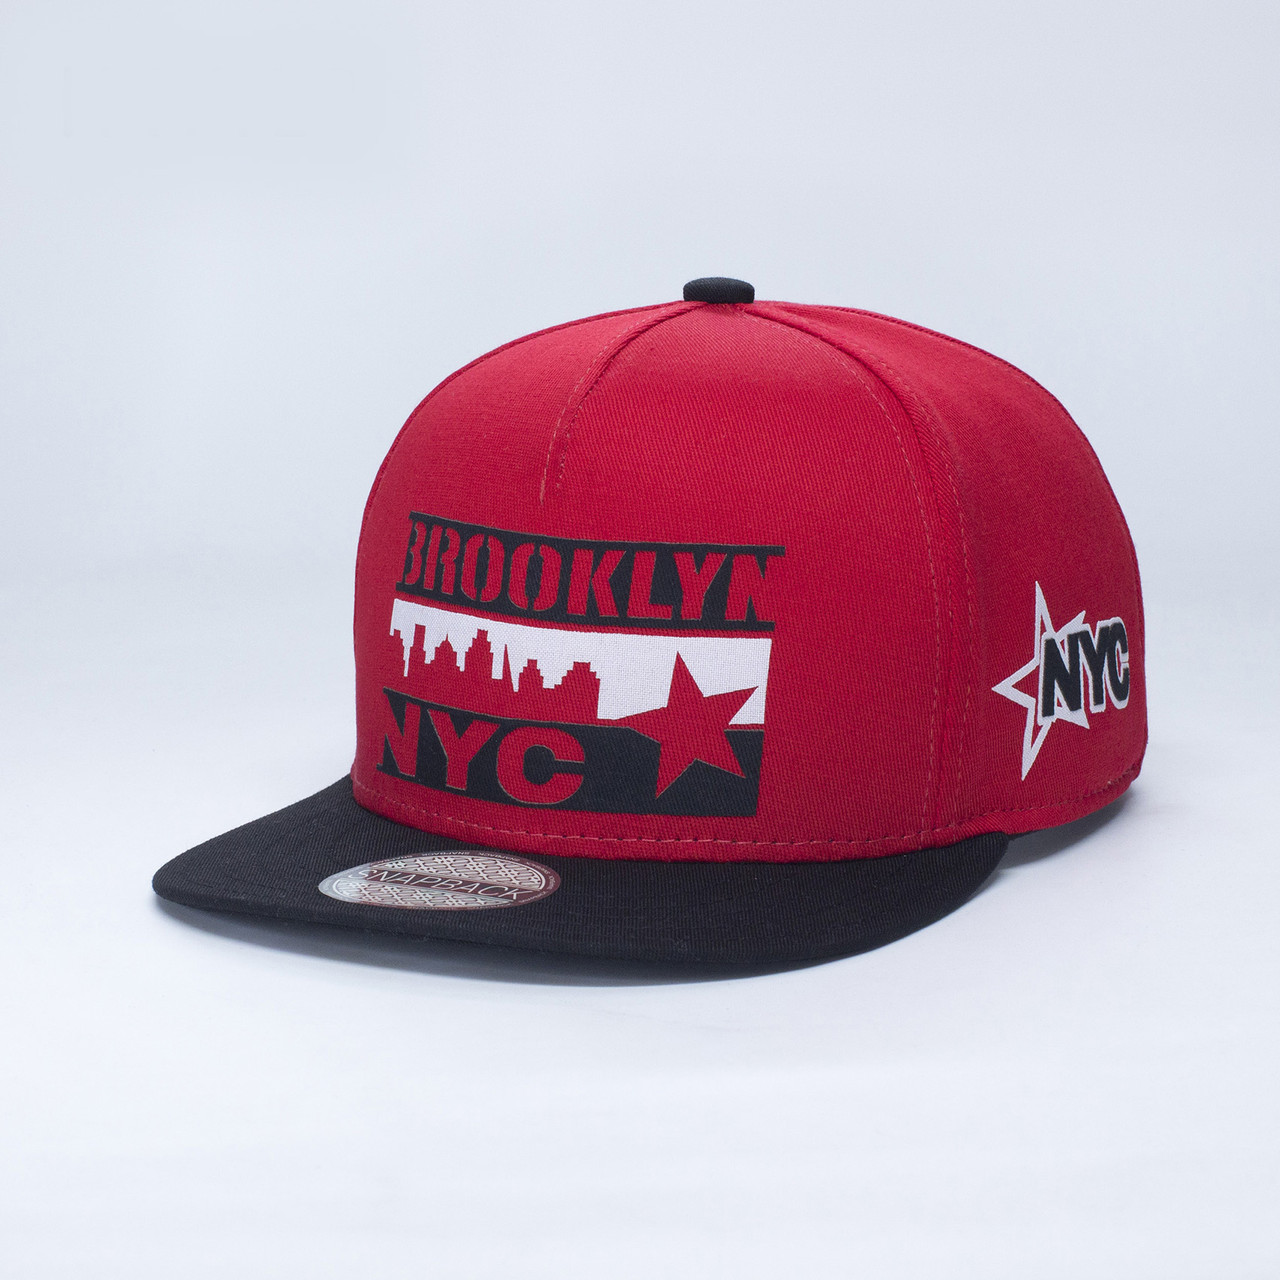 Детская кепка бейсболка для мальчика 3-16 лет INAL brooklyn nyc XS / 51-52 RU Красный 170151